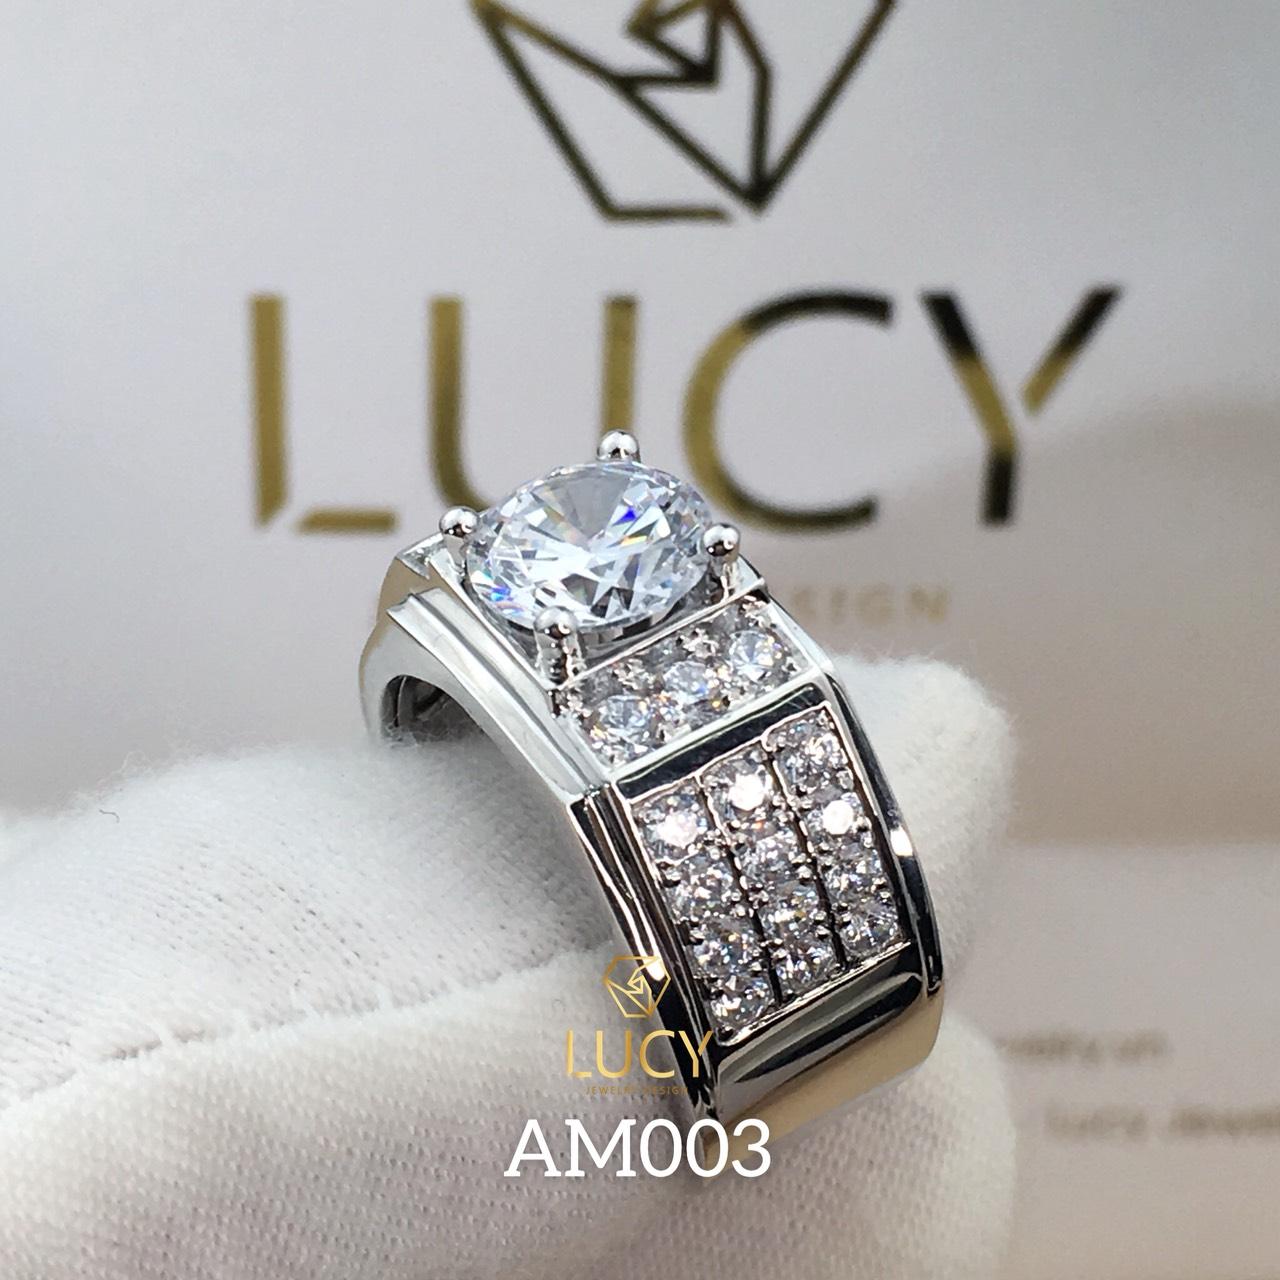 AM003 Nhẫn vàng nam đá chủ 8.1mm 8mm - Lucy Jewelry